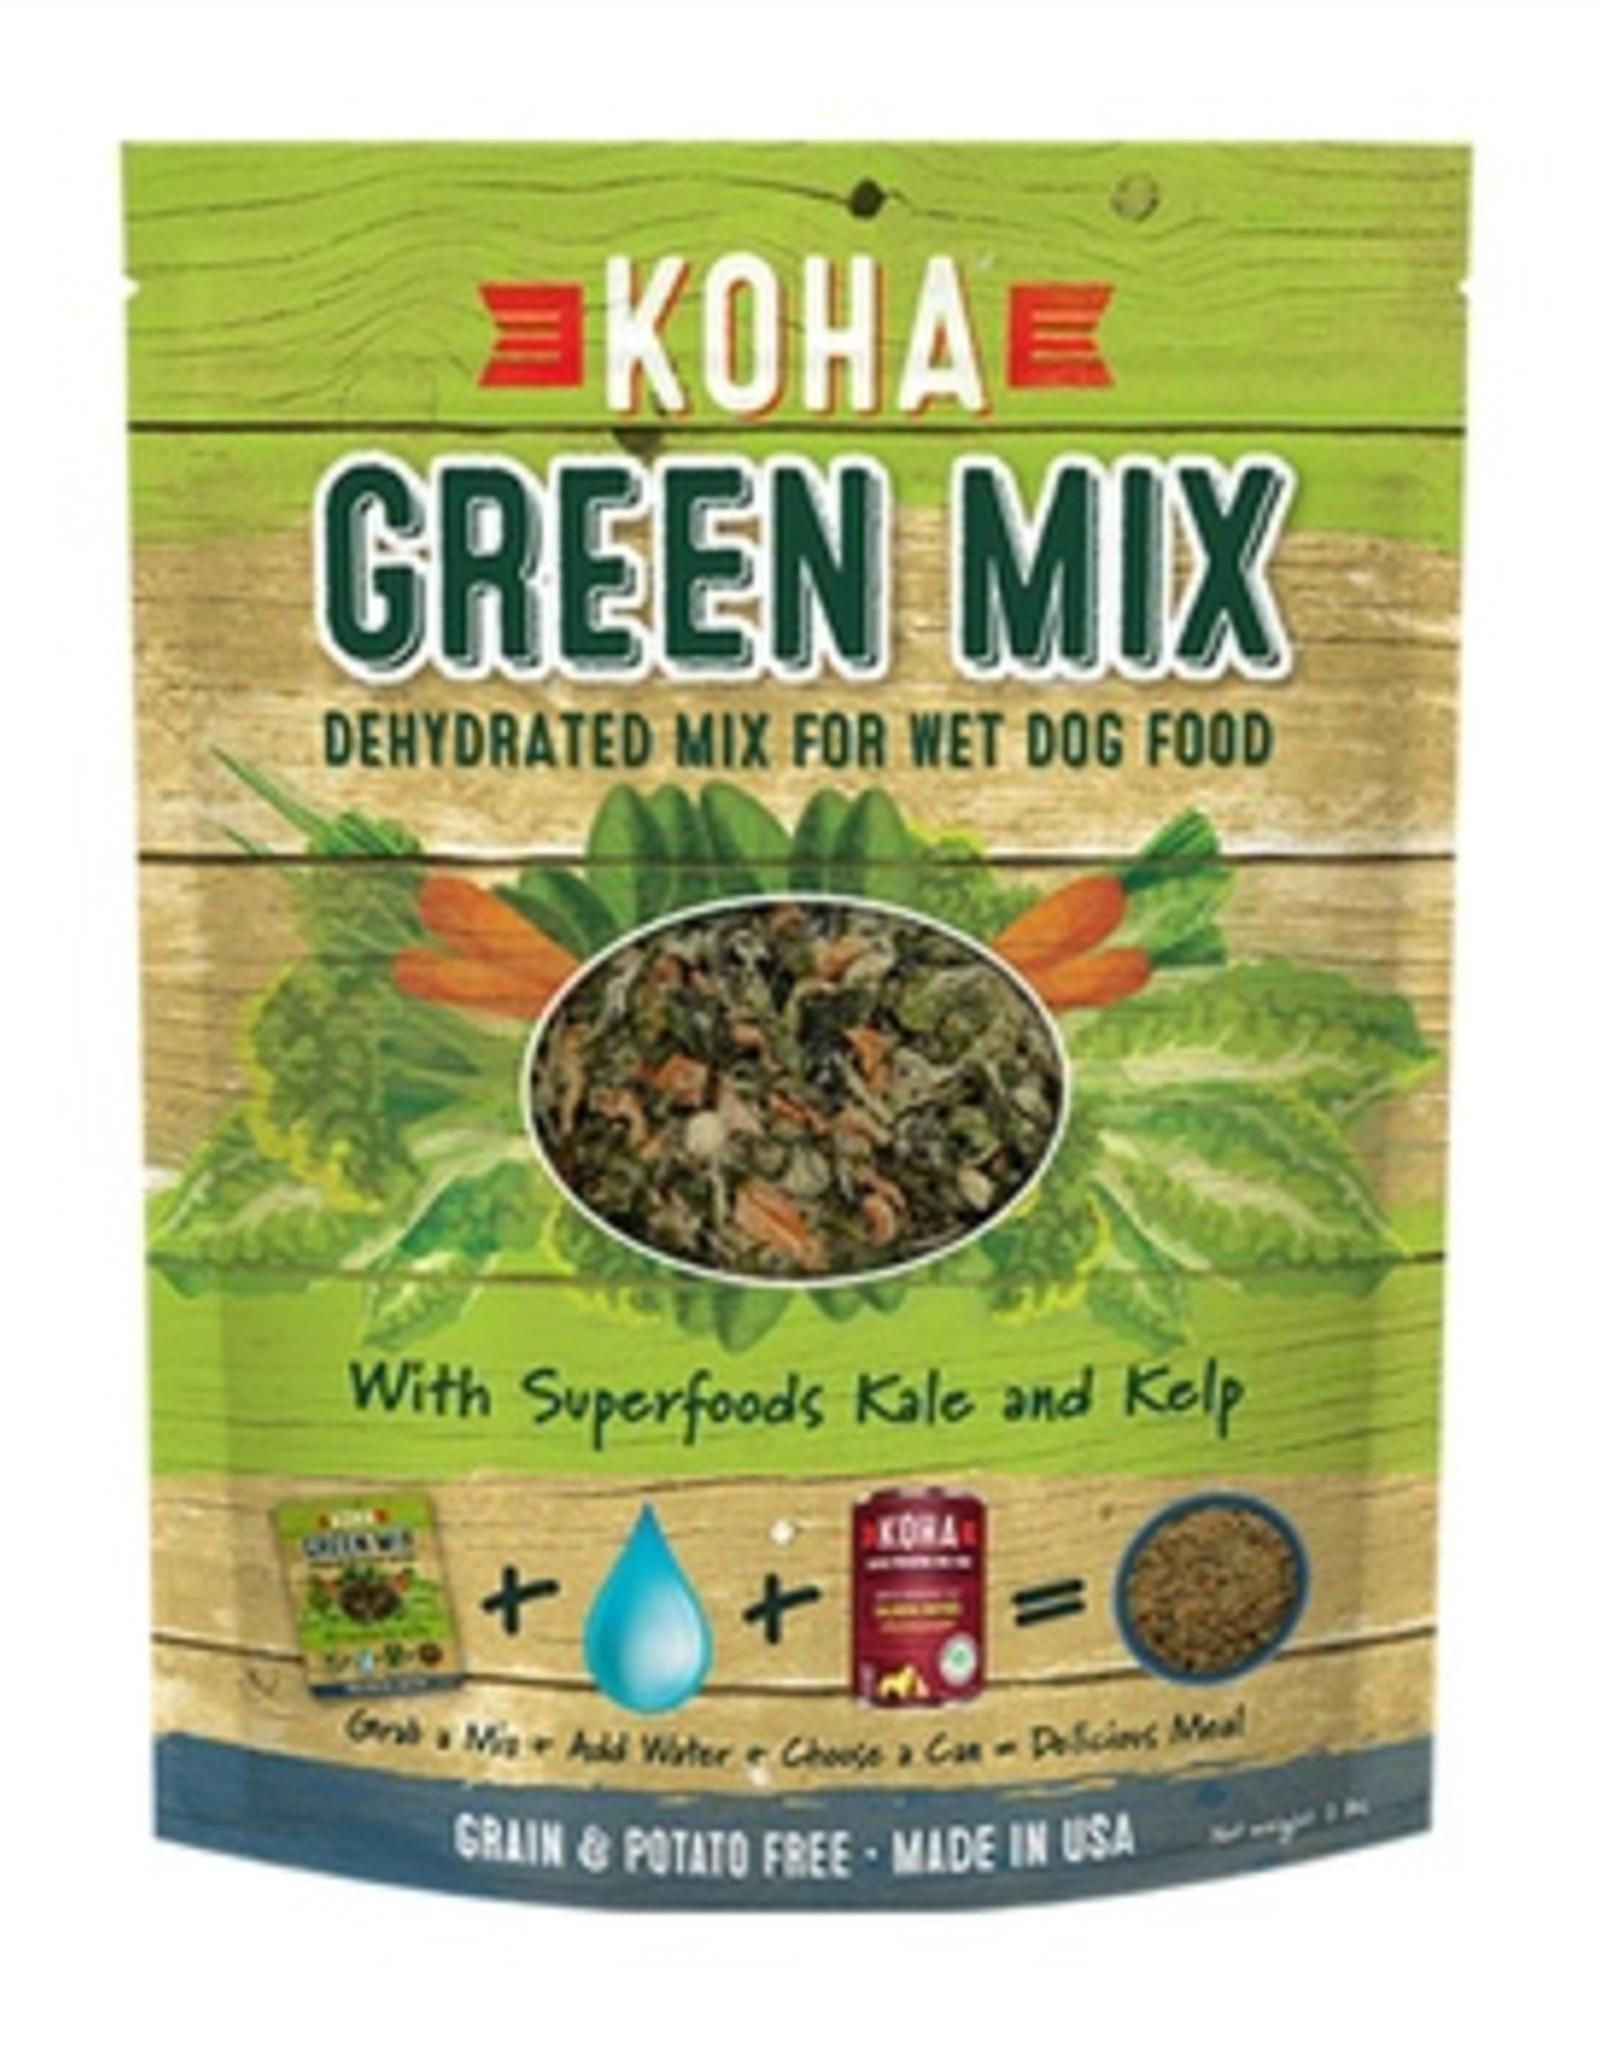 Koha Dog Food GF Dehydrated Green Mix 2#